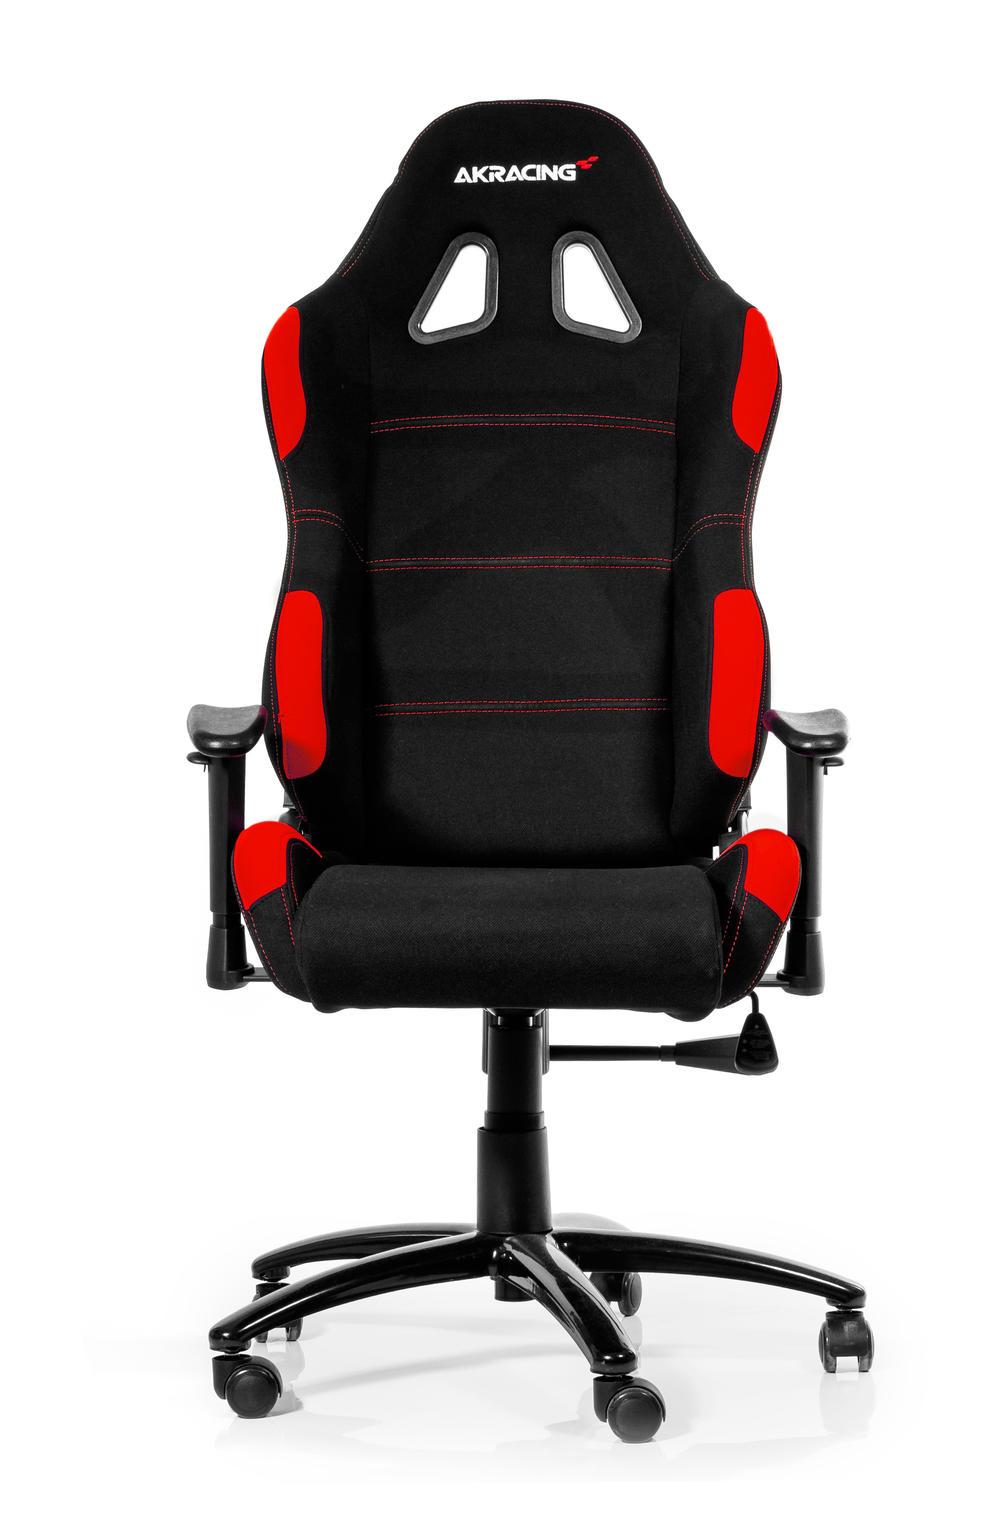 Gaming stoel AKRACING Gaming Chair zwart-rood